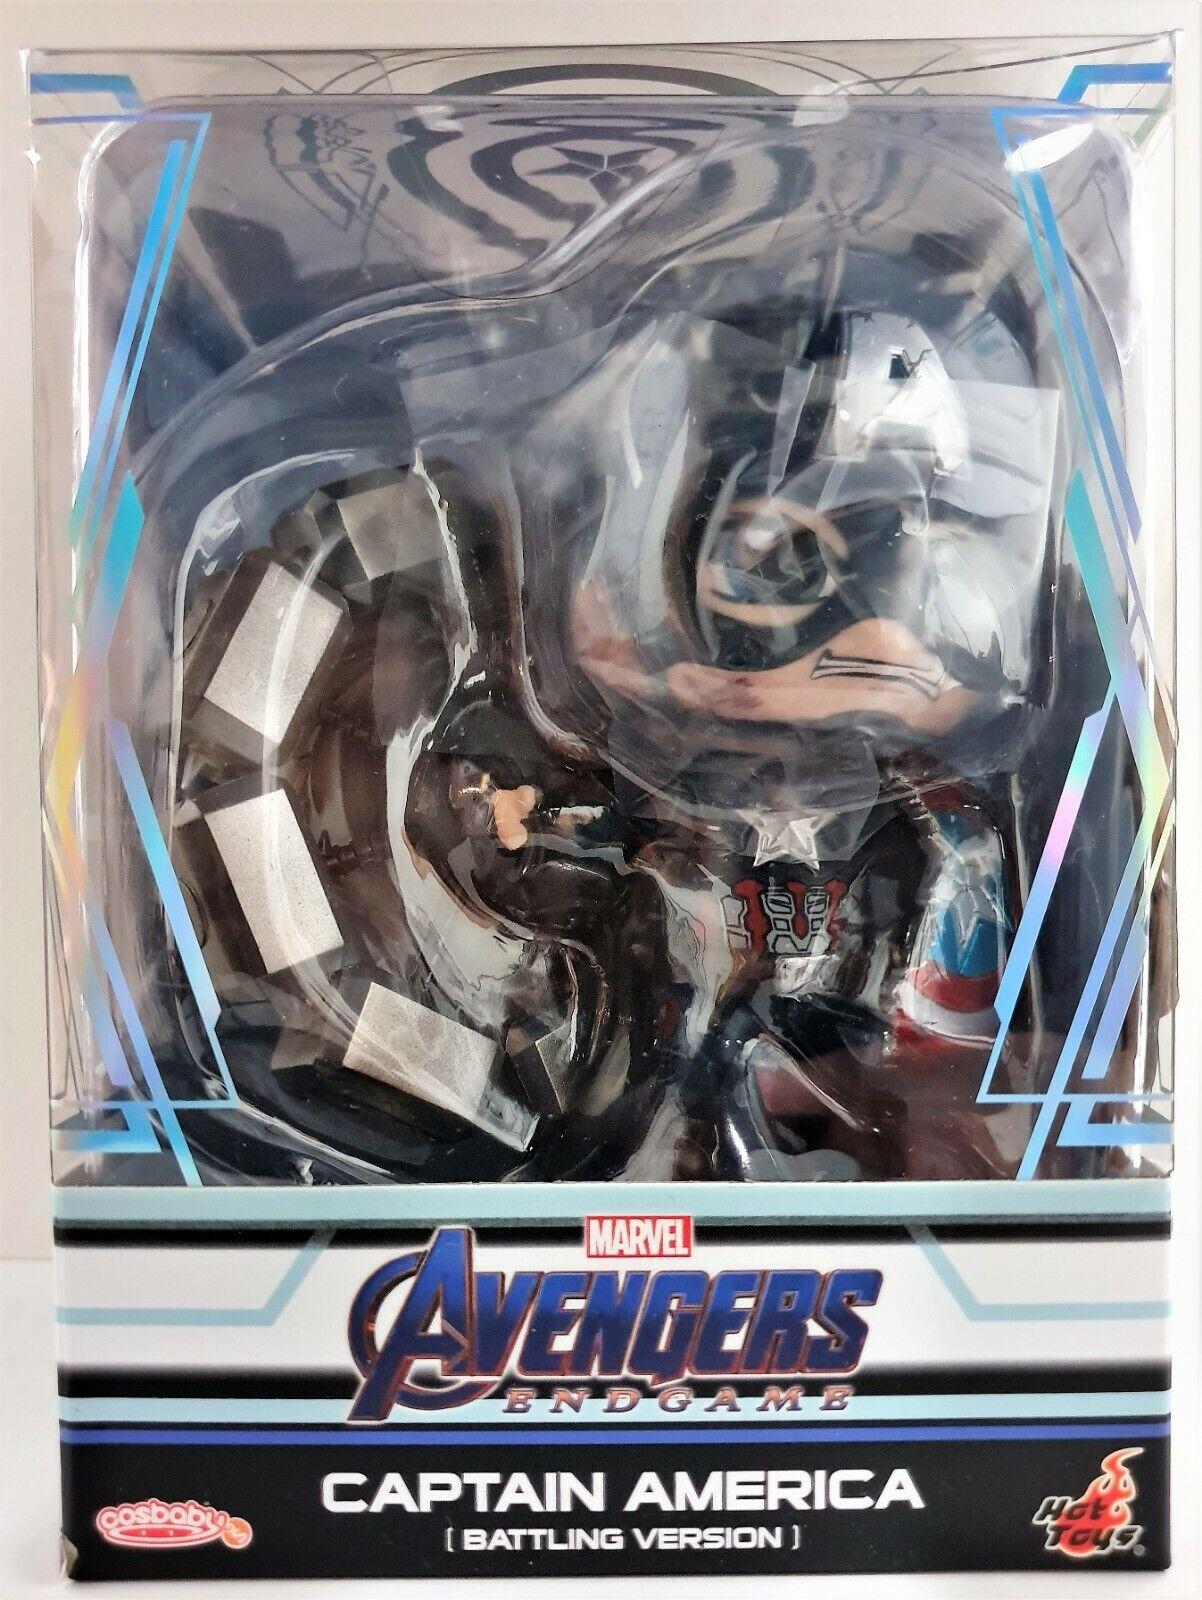 Cosbaby Capitán América Tacho luchando 3.75  Hot Juguetes Bobble Head Figura